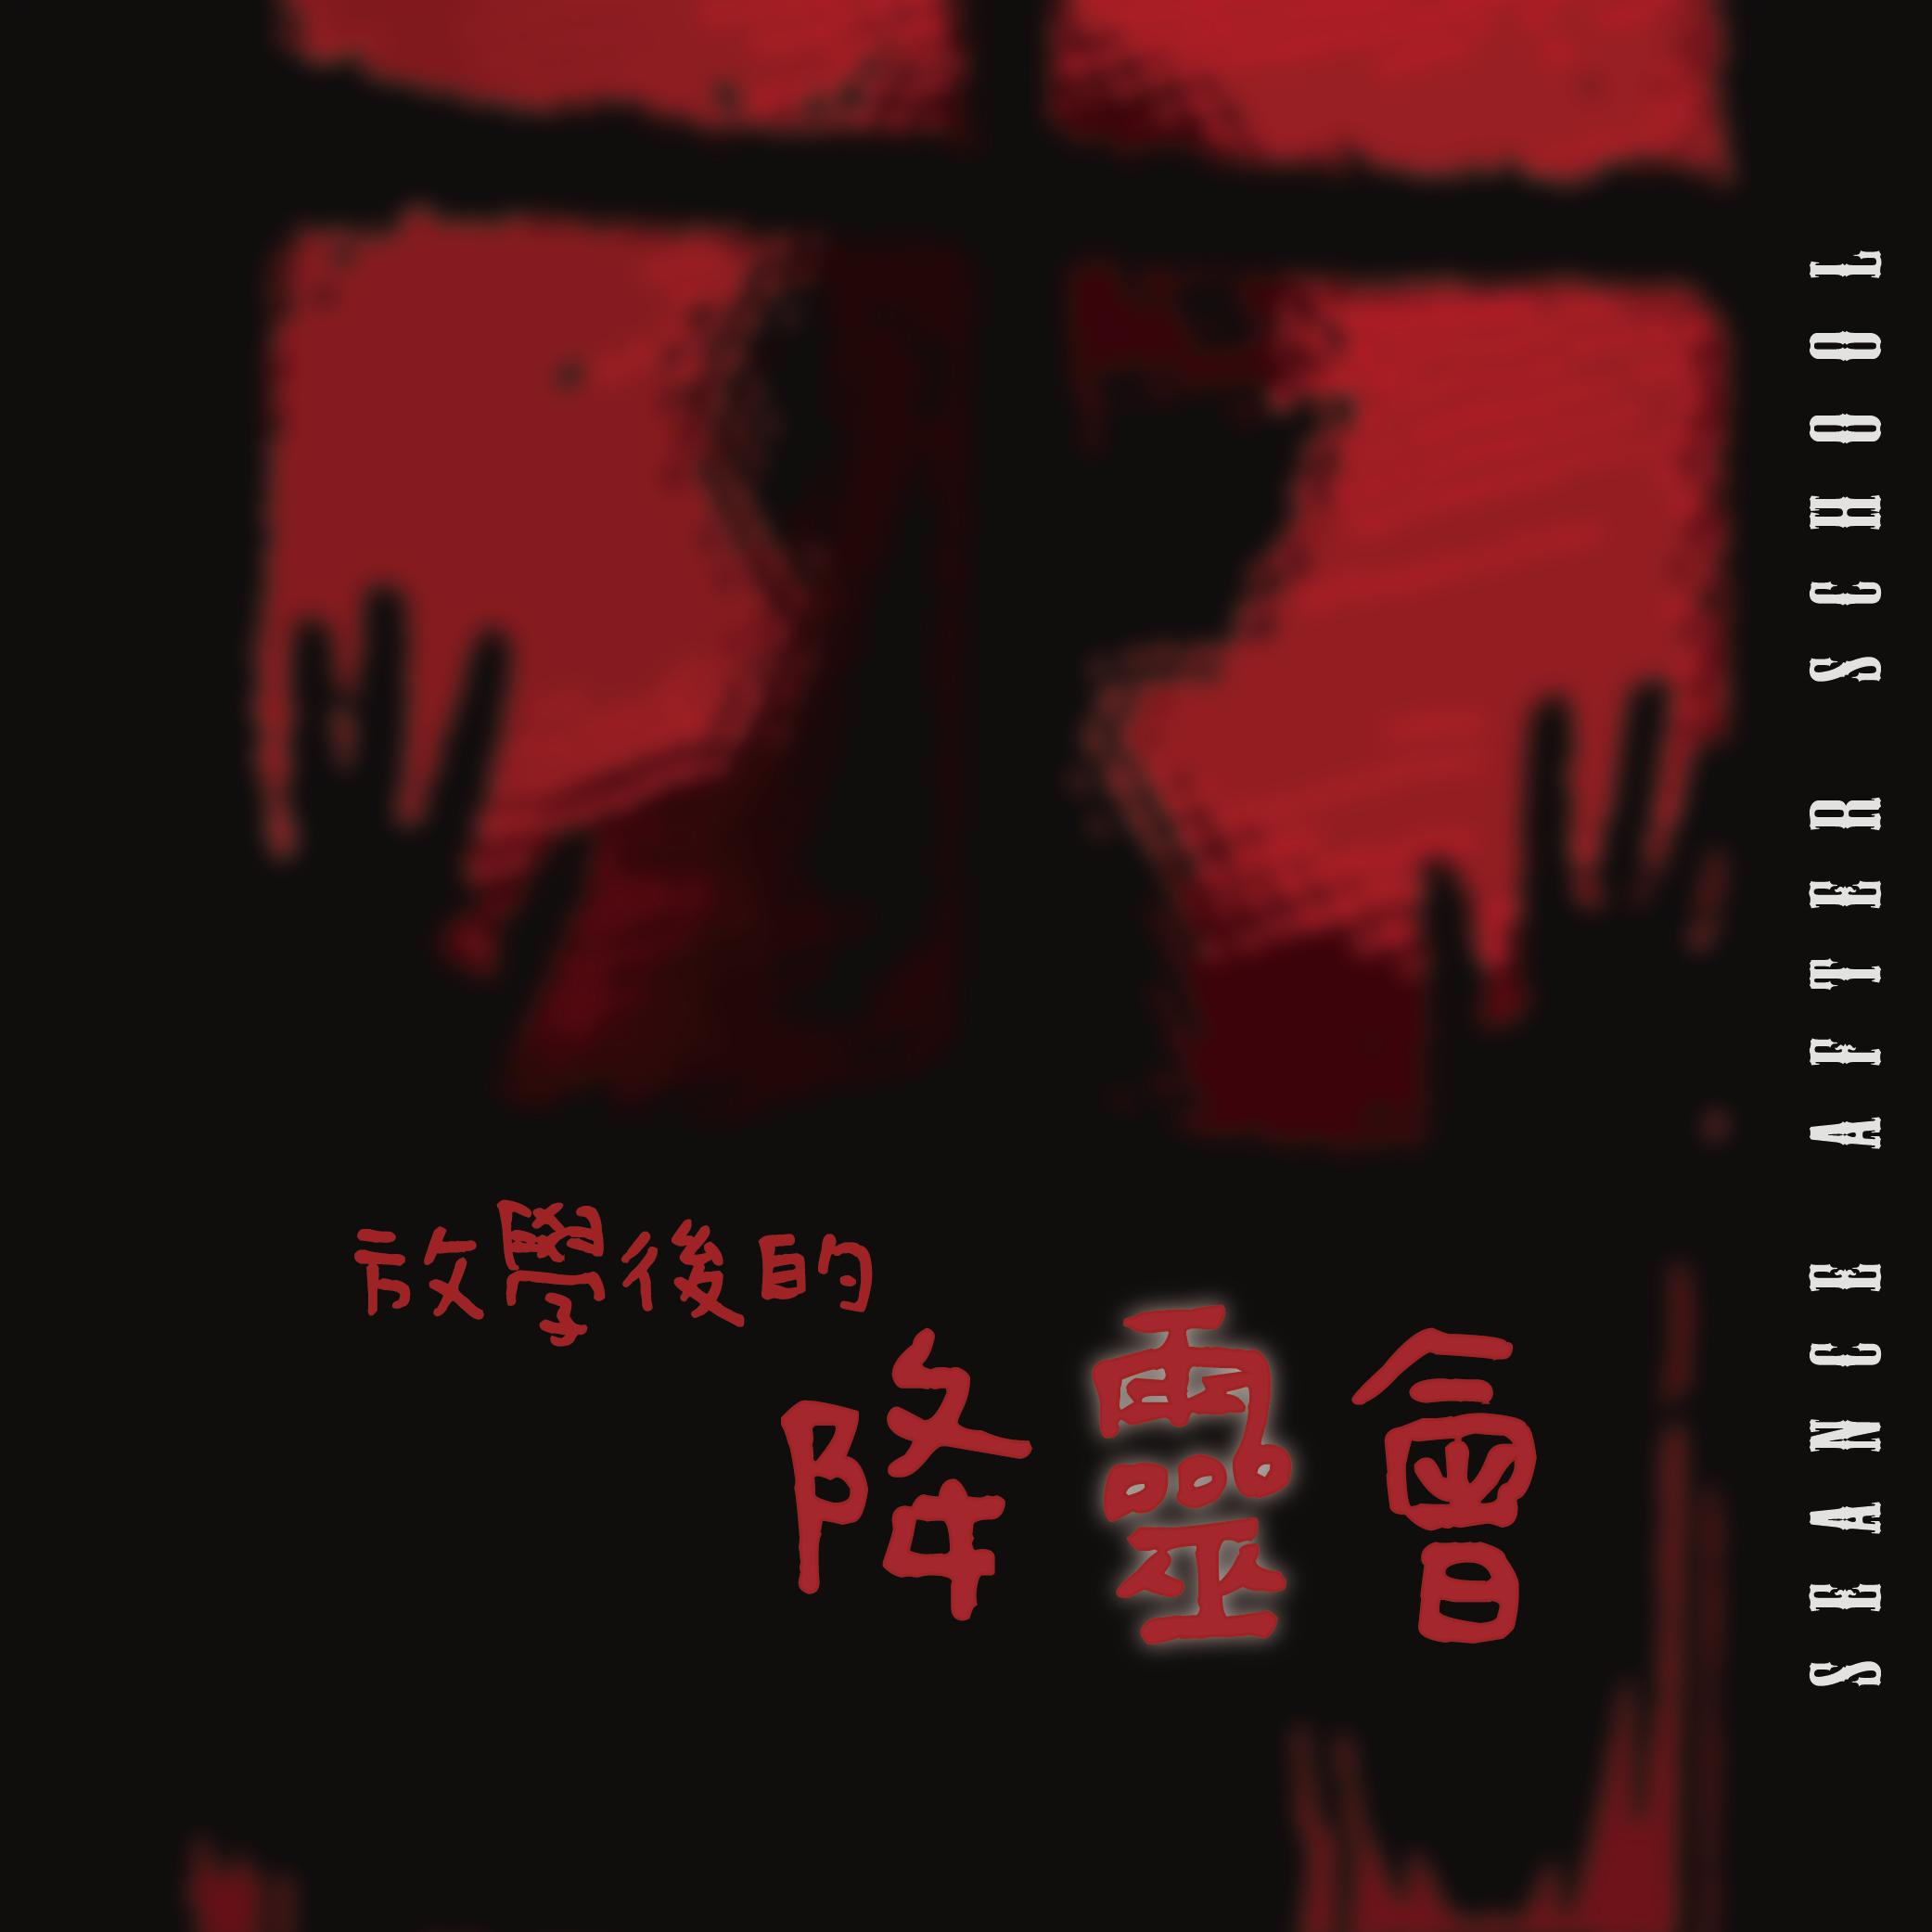 放學後的降靈會-01.png